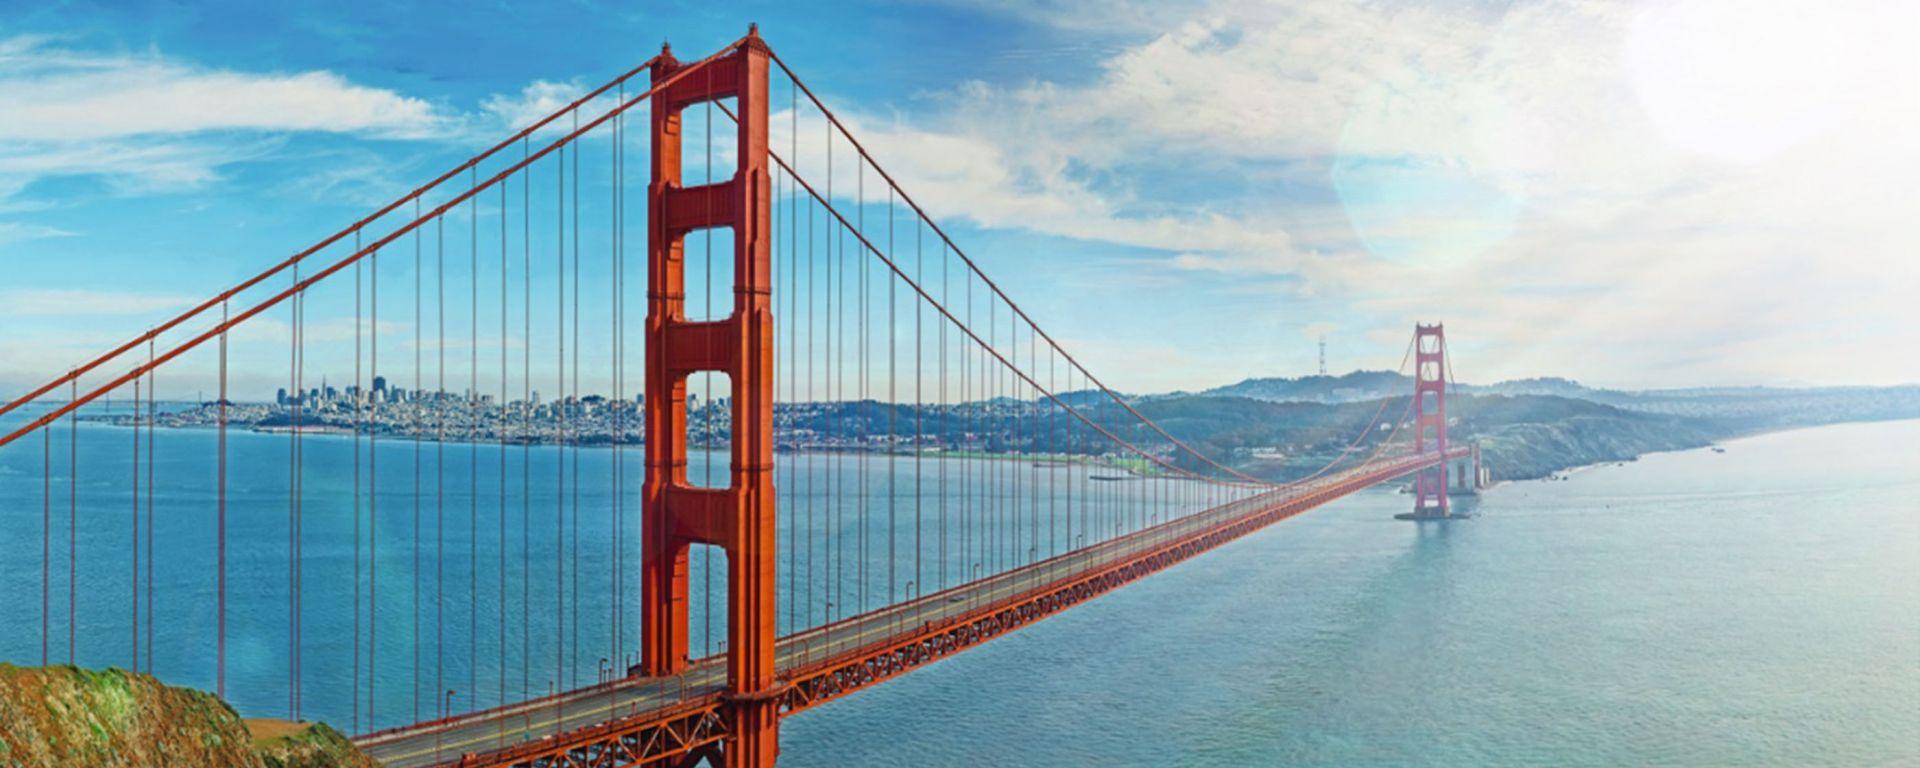 Bentley Mulsanne: la foto da 53 miliardi di pixel che la ritrae sul Golden Gate è da record